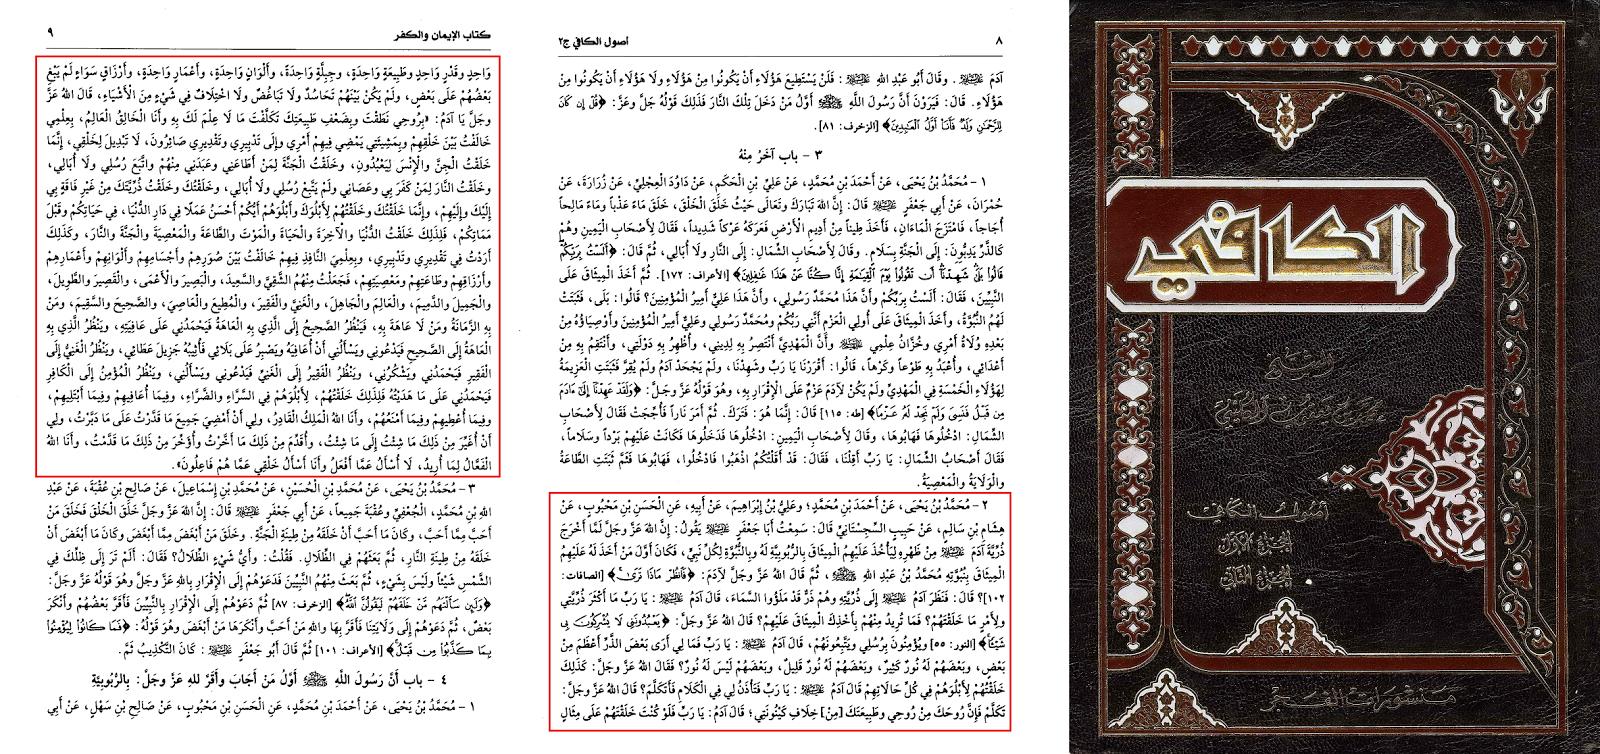 pourquoi-cree-different-al-kafi-volume-2